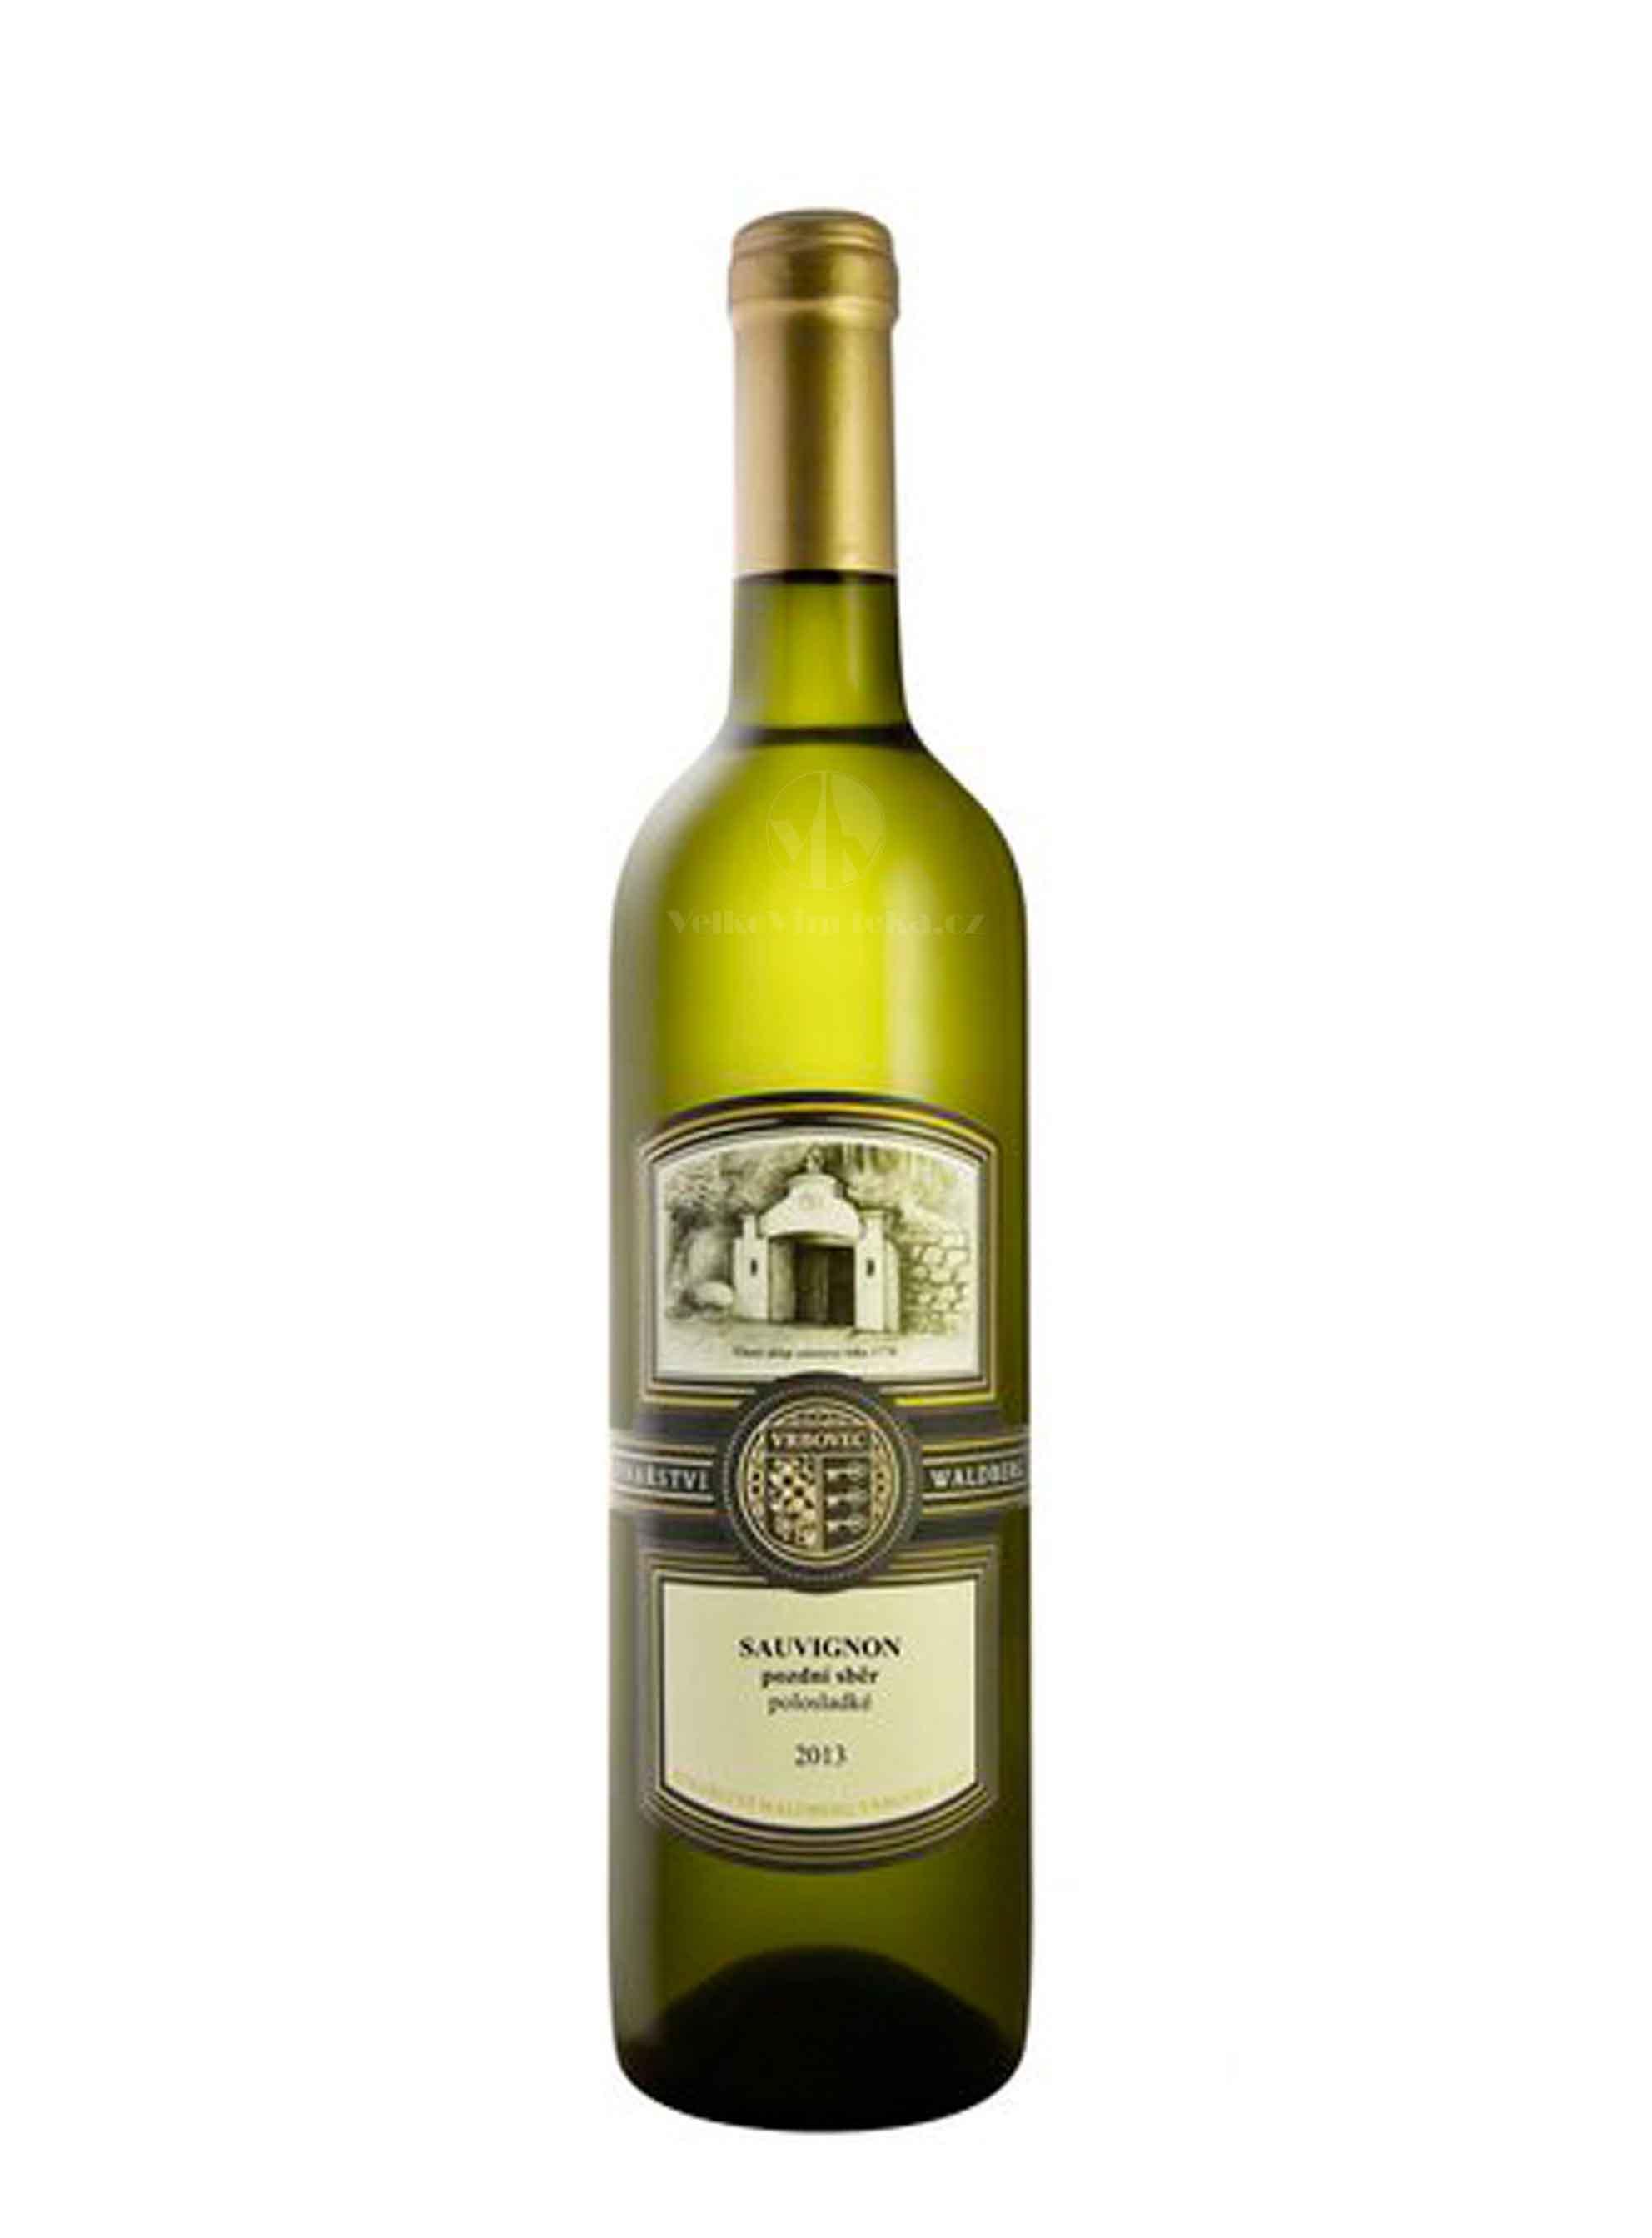 Sauvignon, Terroir, Pozdní sběr, 2013, Vinařství Waldberg, 0.75 l